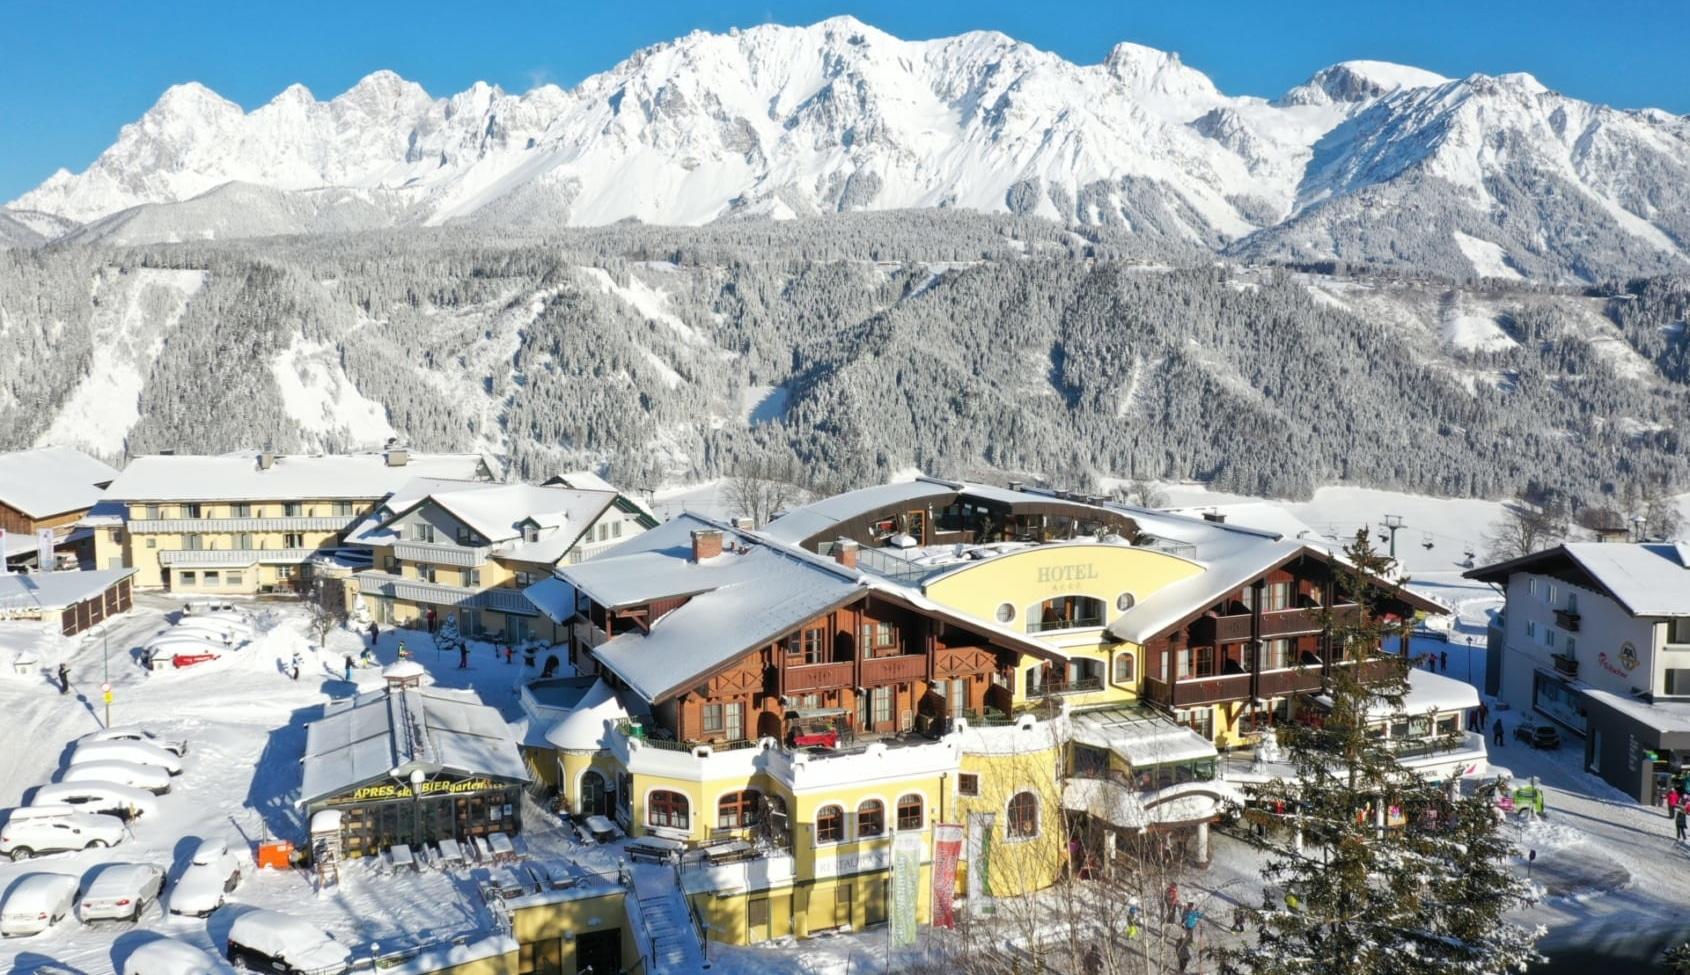 Winterliche Hotelansicht Erlebniswelt mit Bergen im Hintergrund